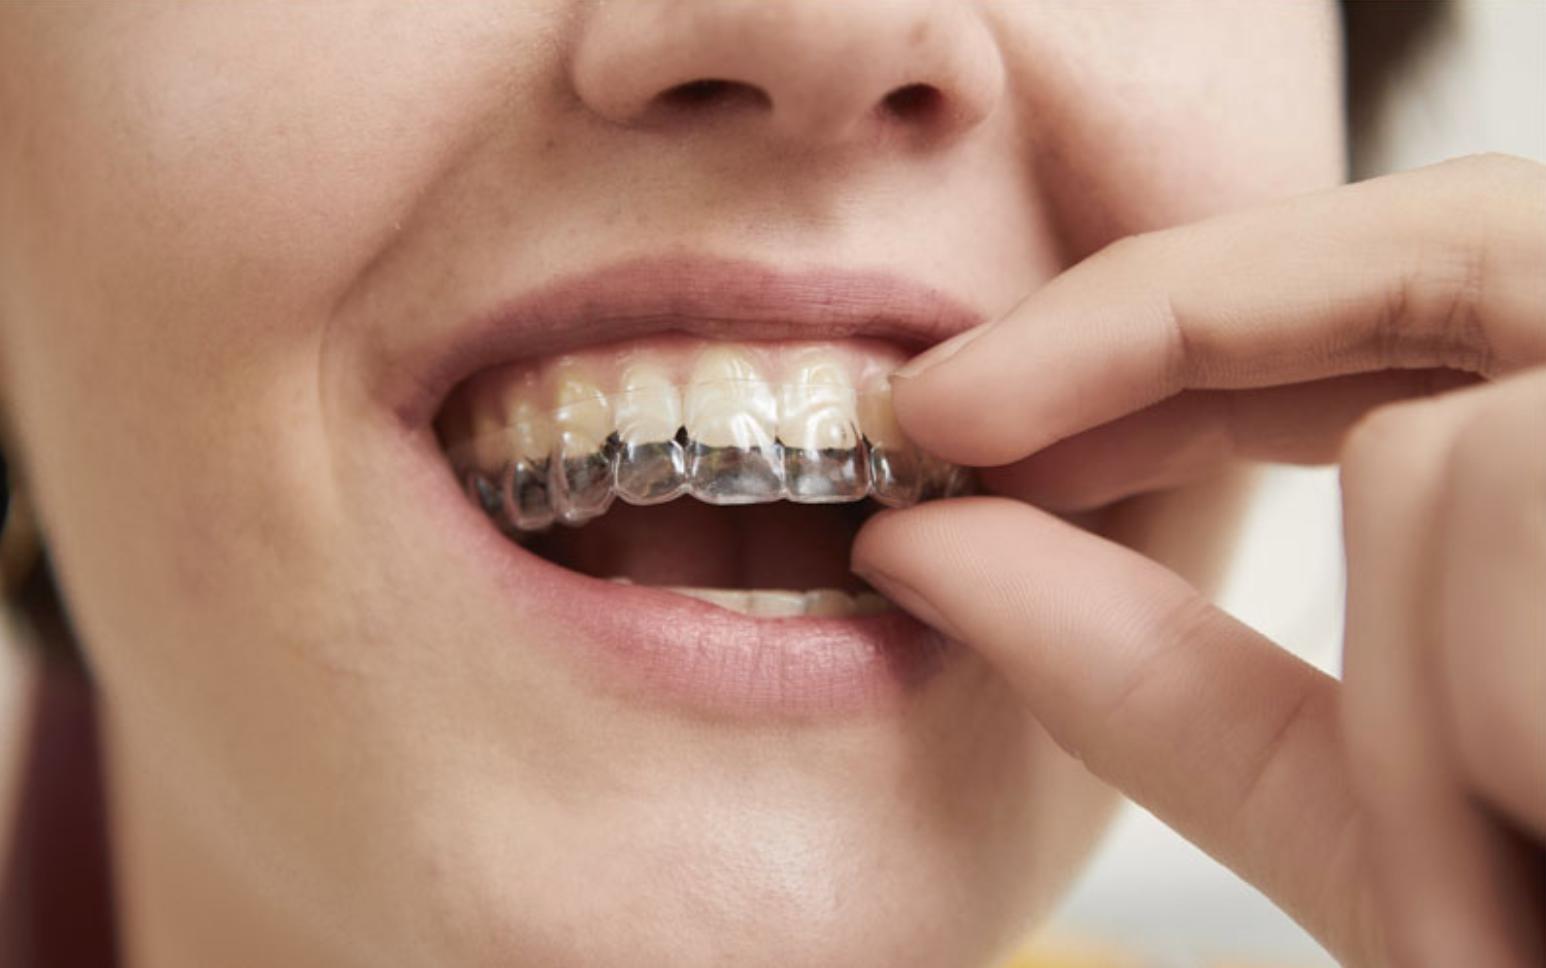 Eine Zahnschiene wird bei einer lächelnden Frau eingesetzt